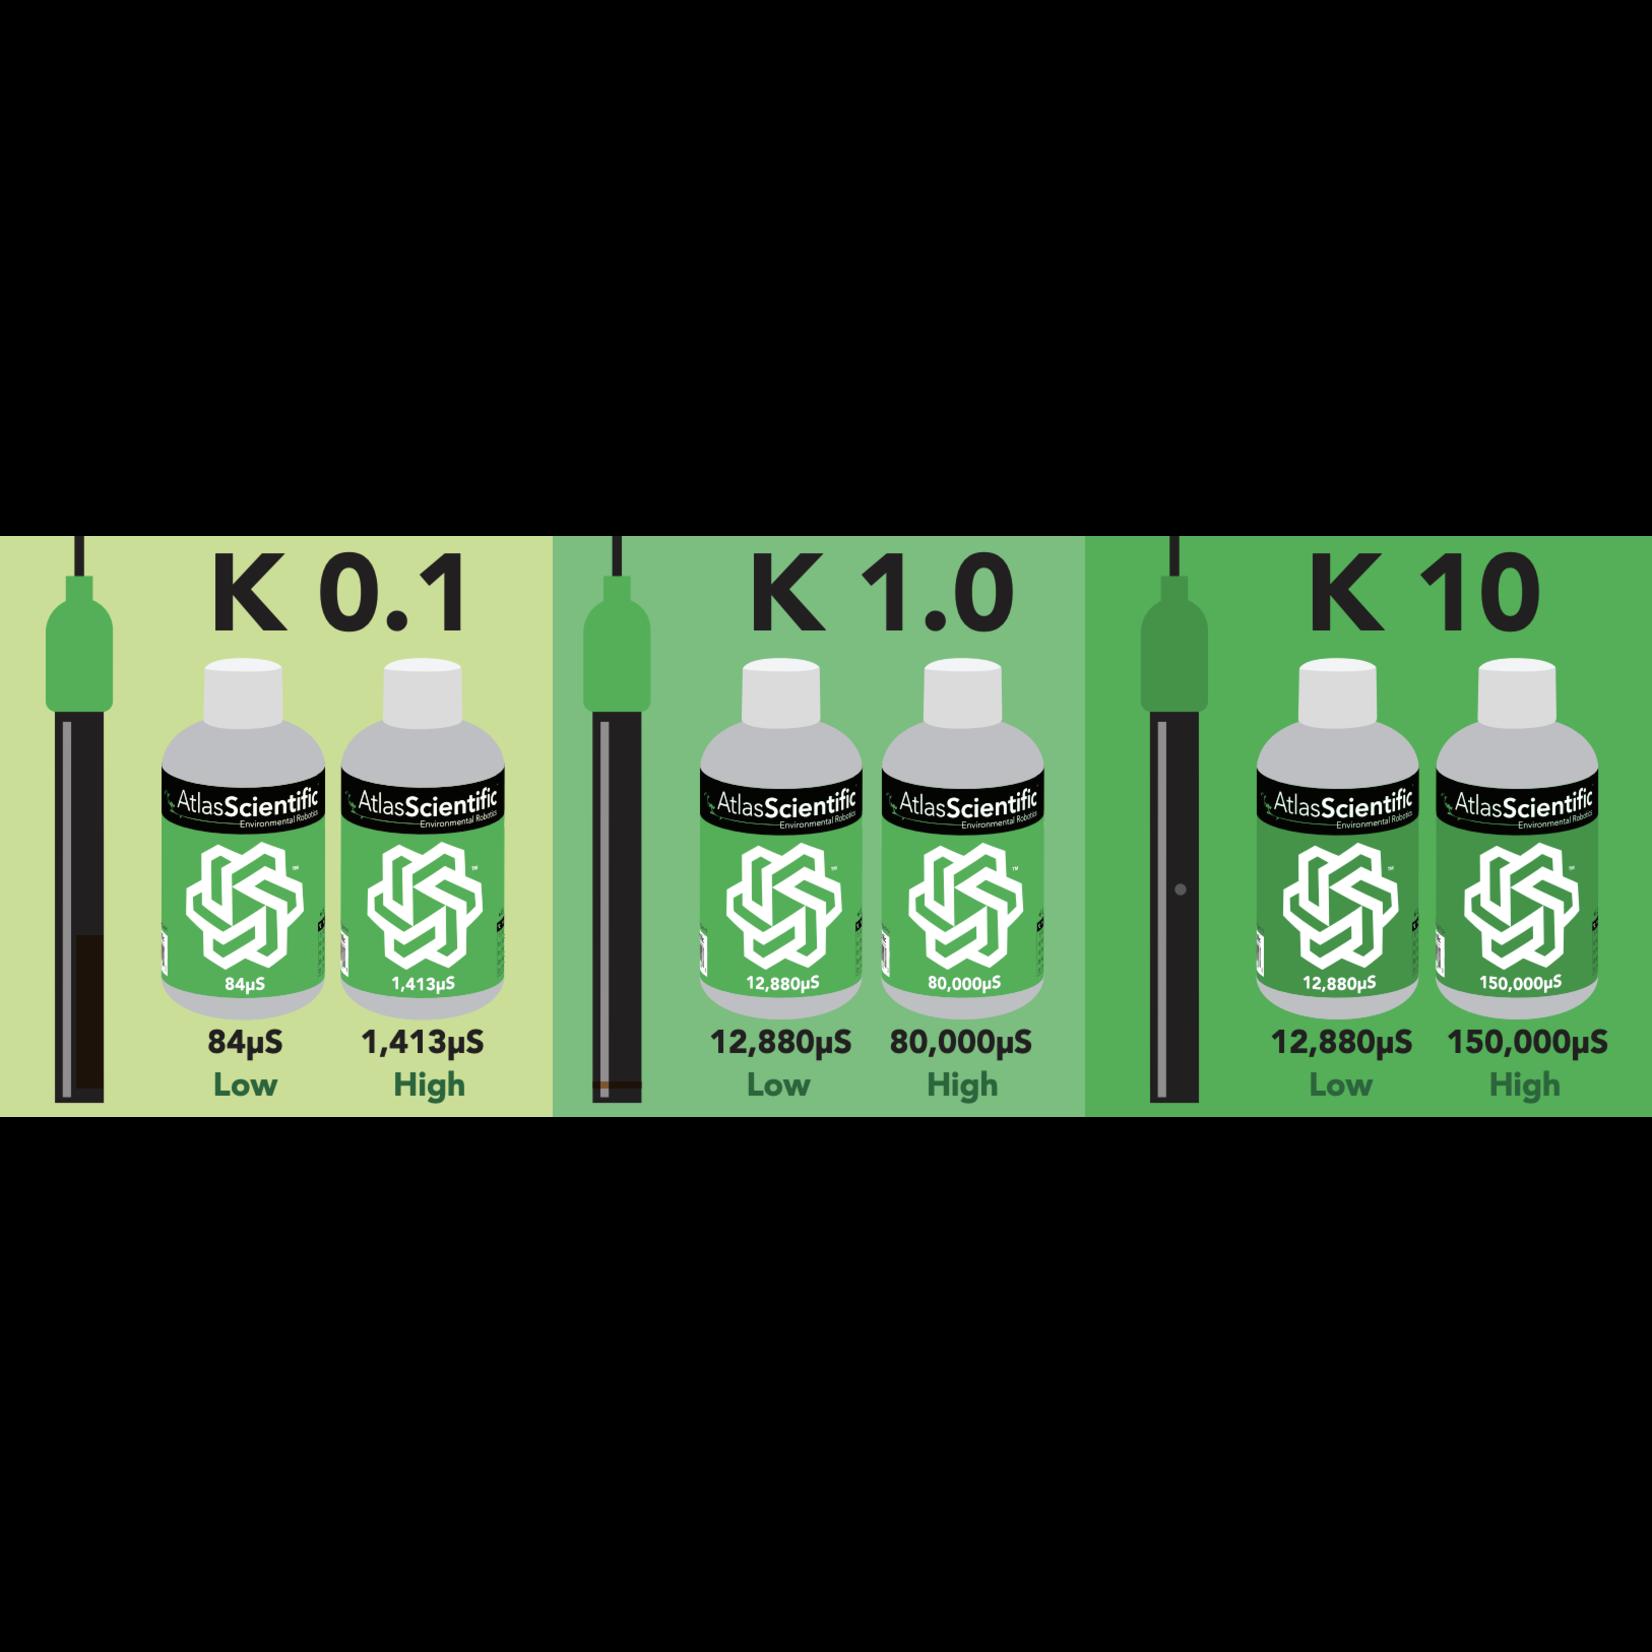 Atlas Scientific Geleidbaarheid Kalibratie vloeistof K 10 set